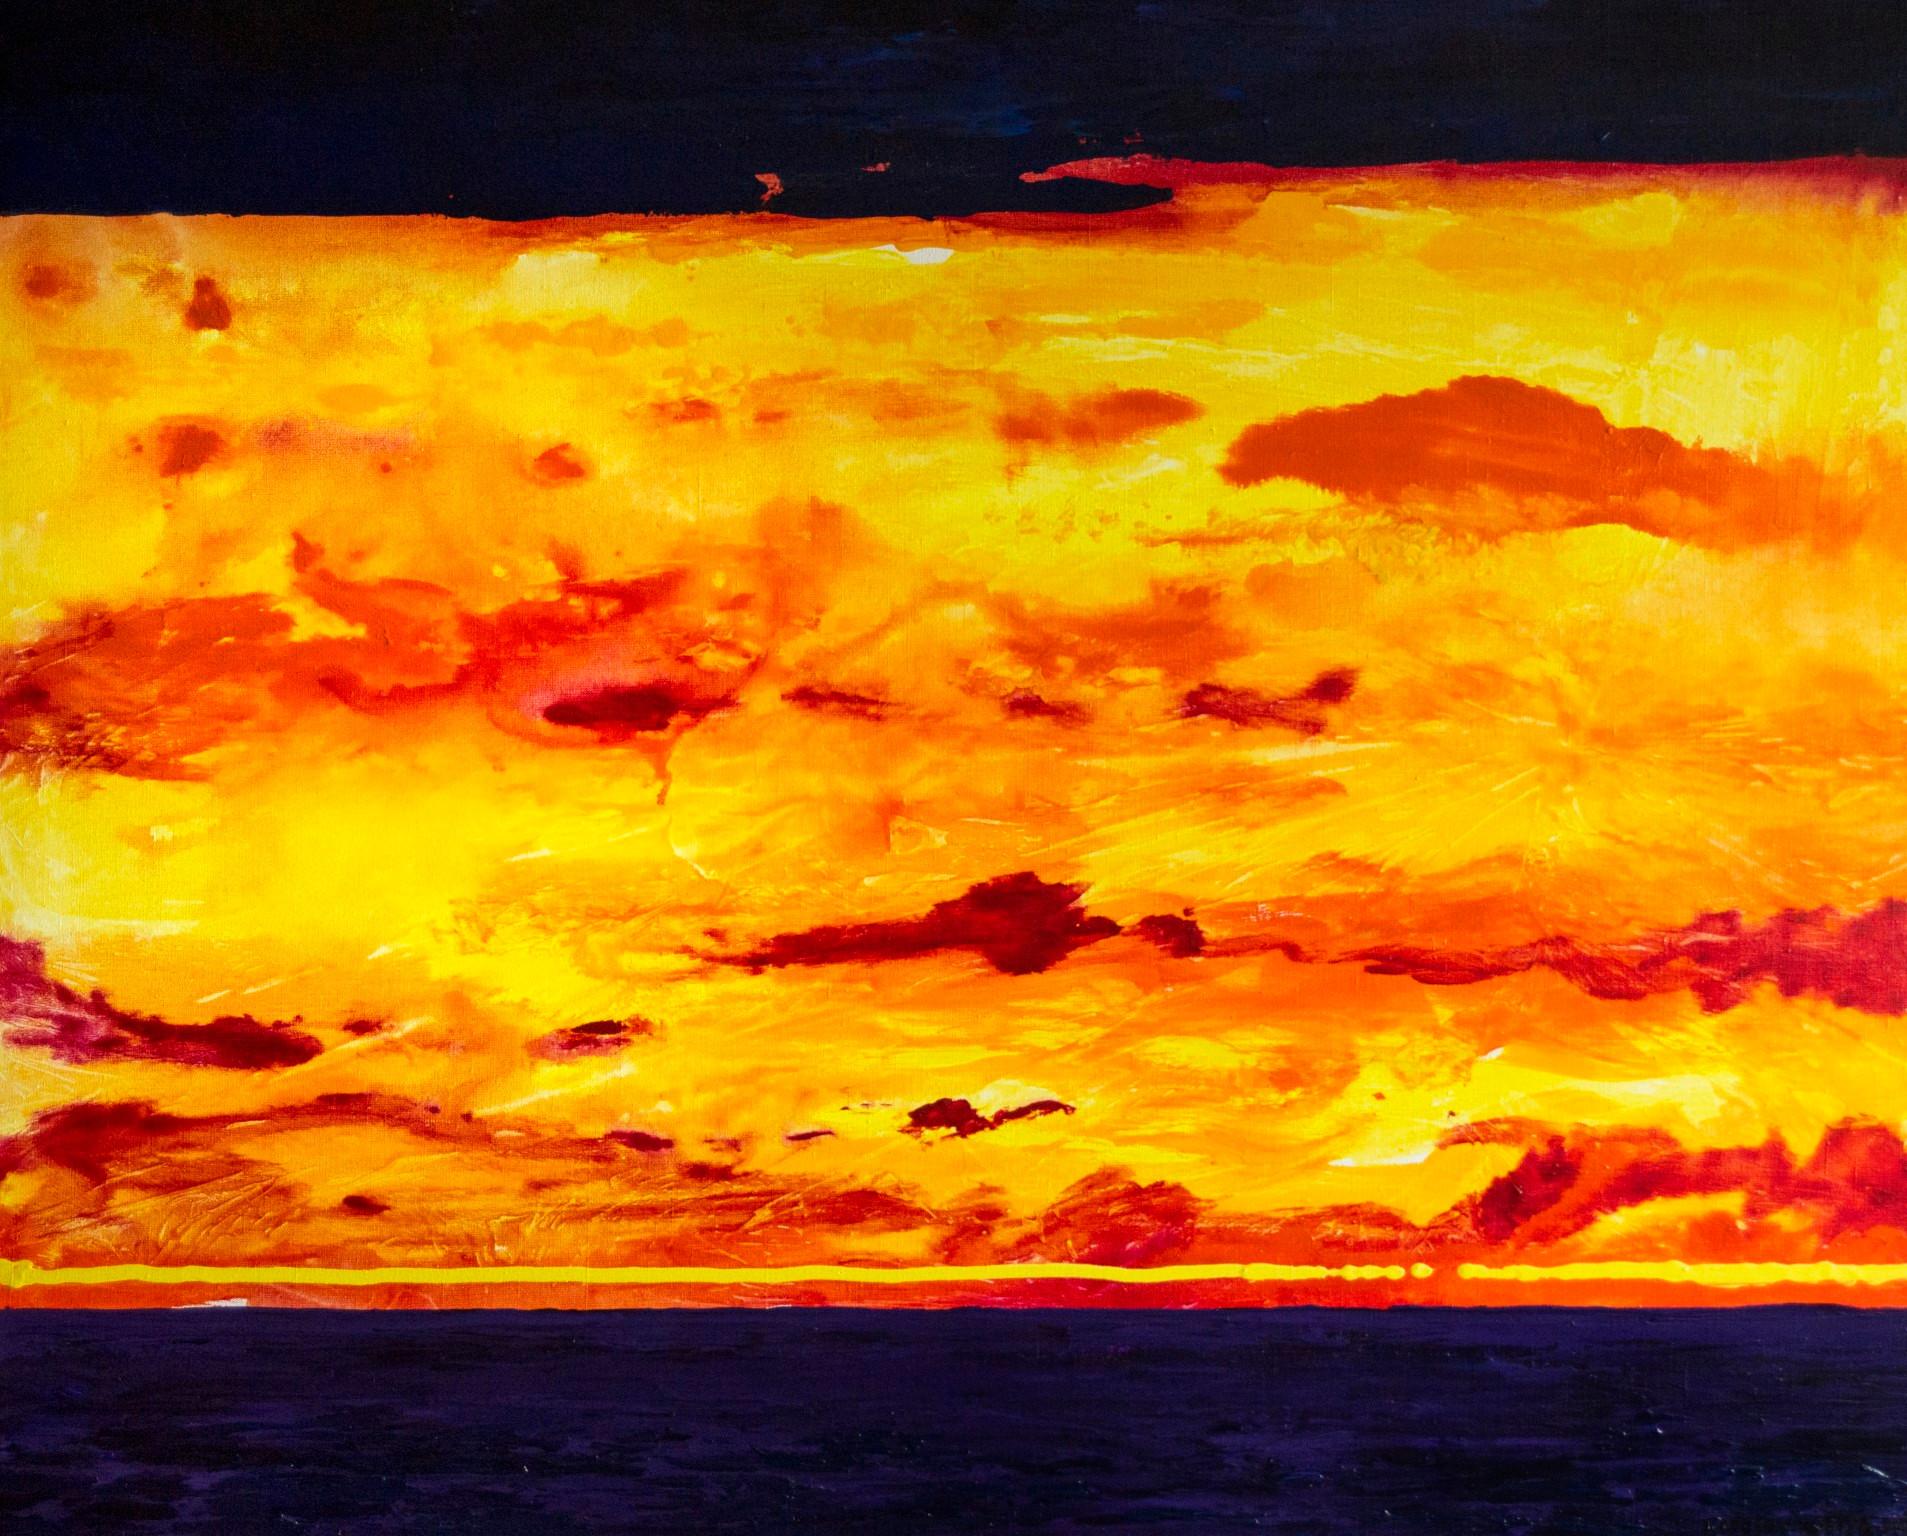 Гаряче небо, полотно, акрил, 115х95 см,